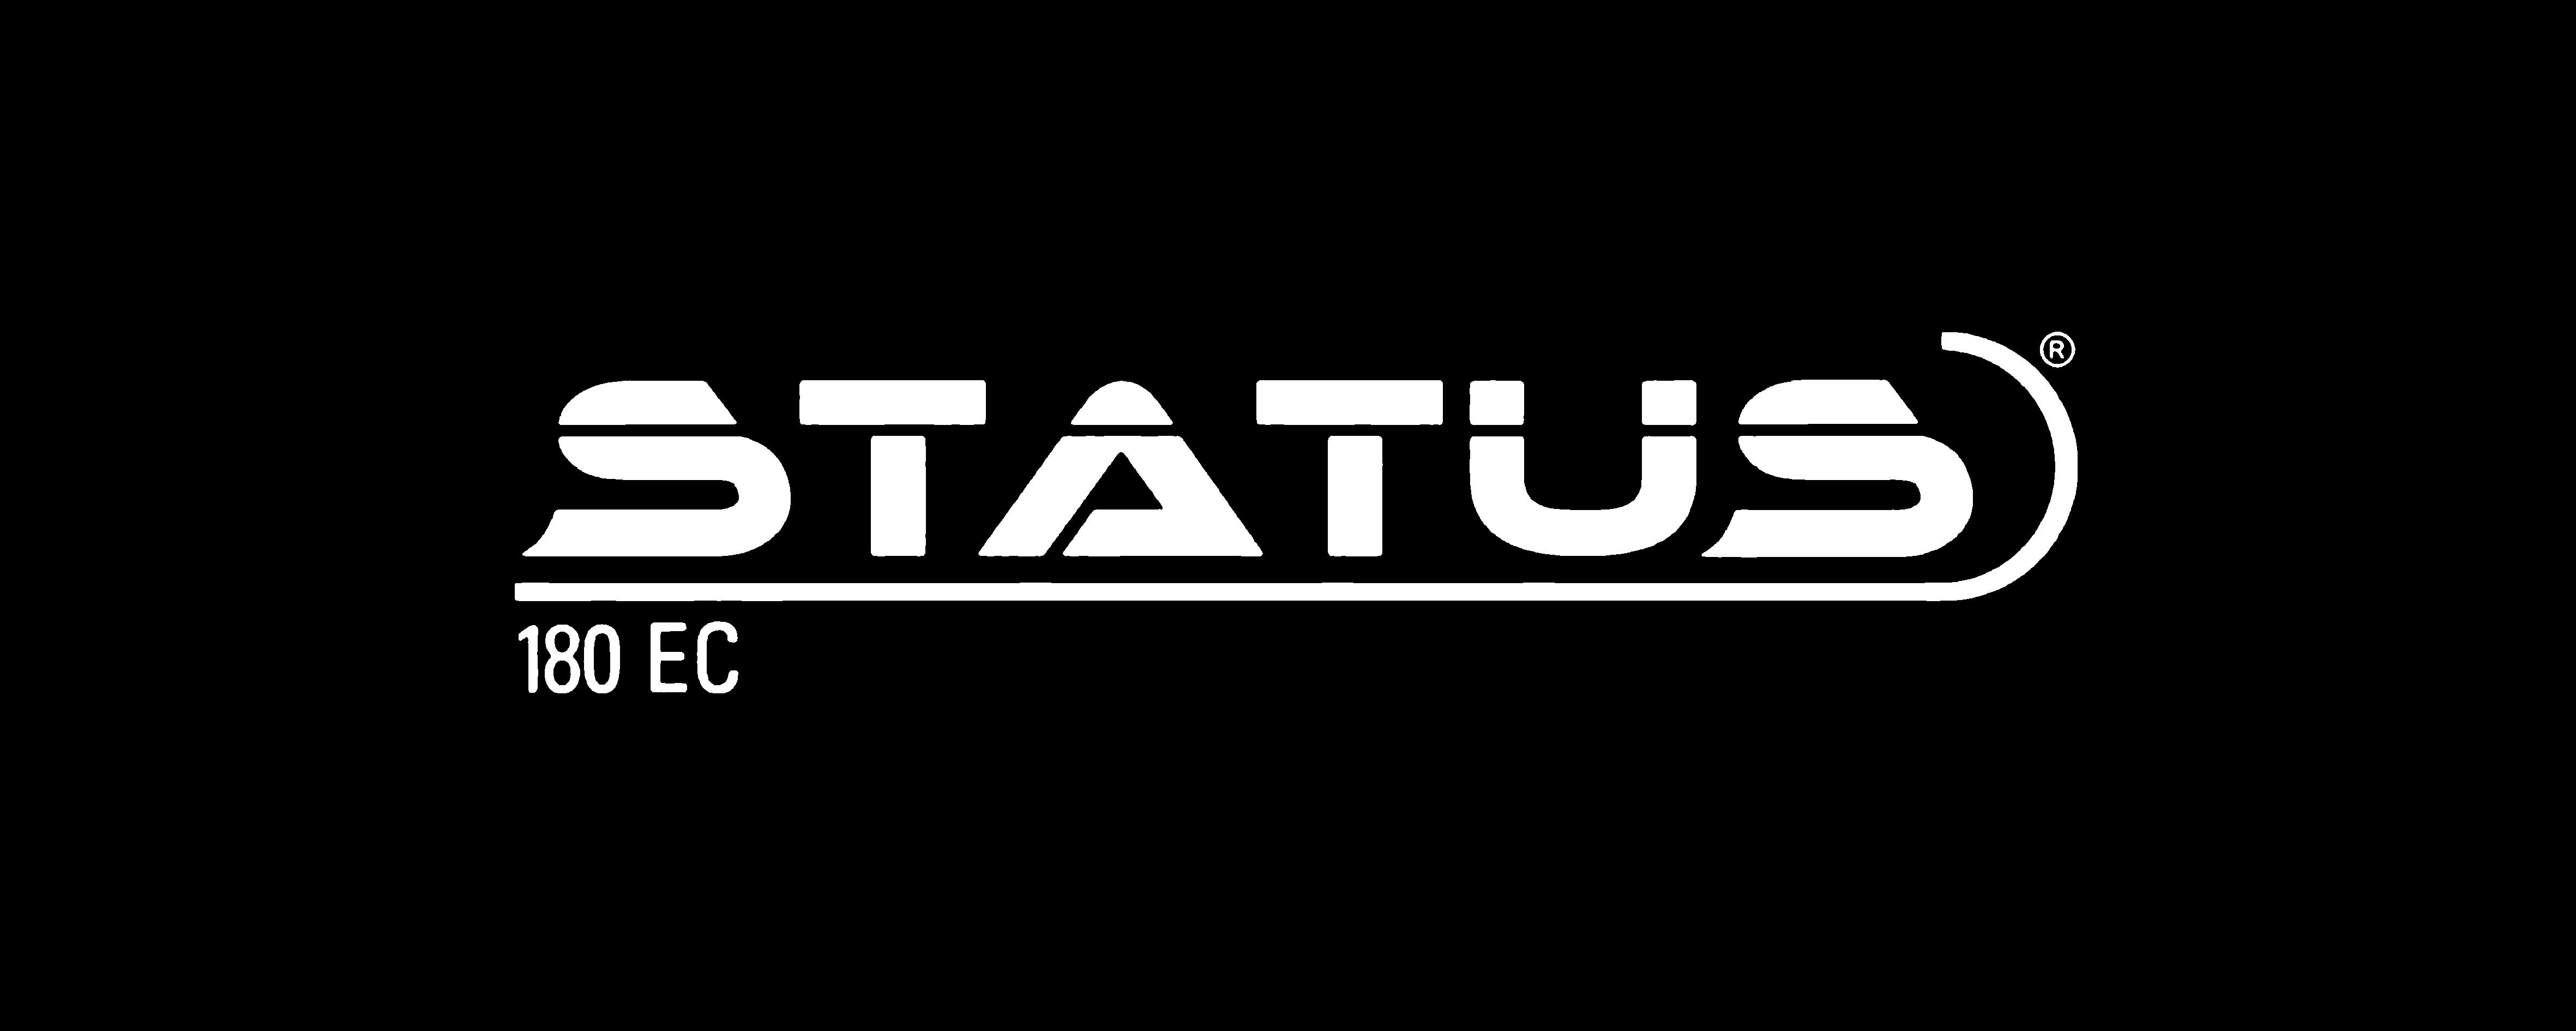 STATUS-180-EC